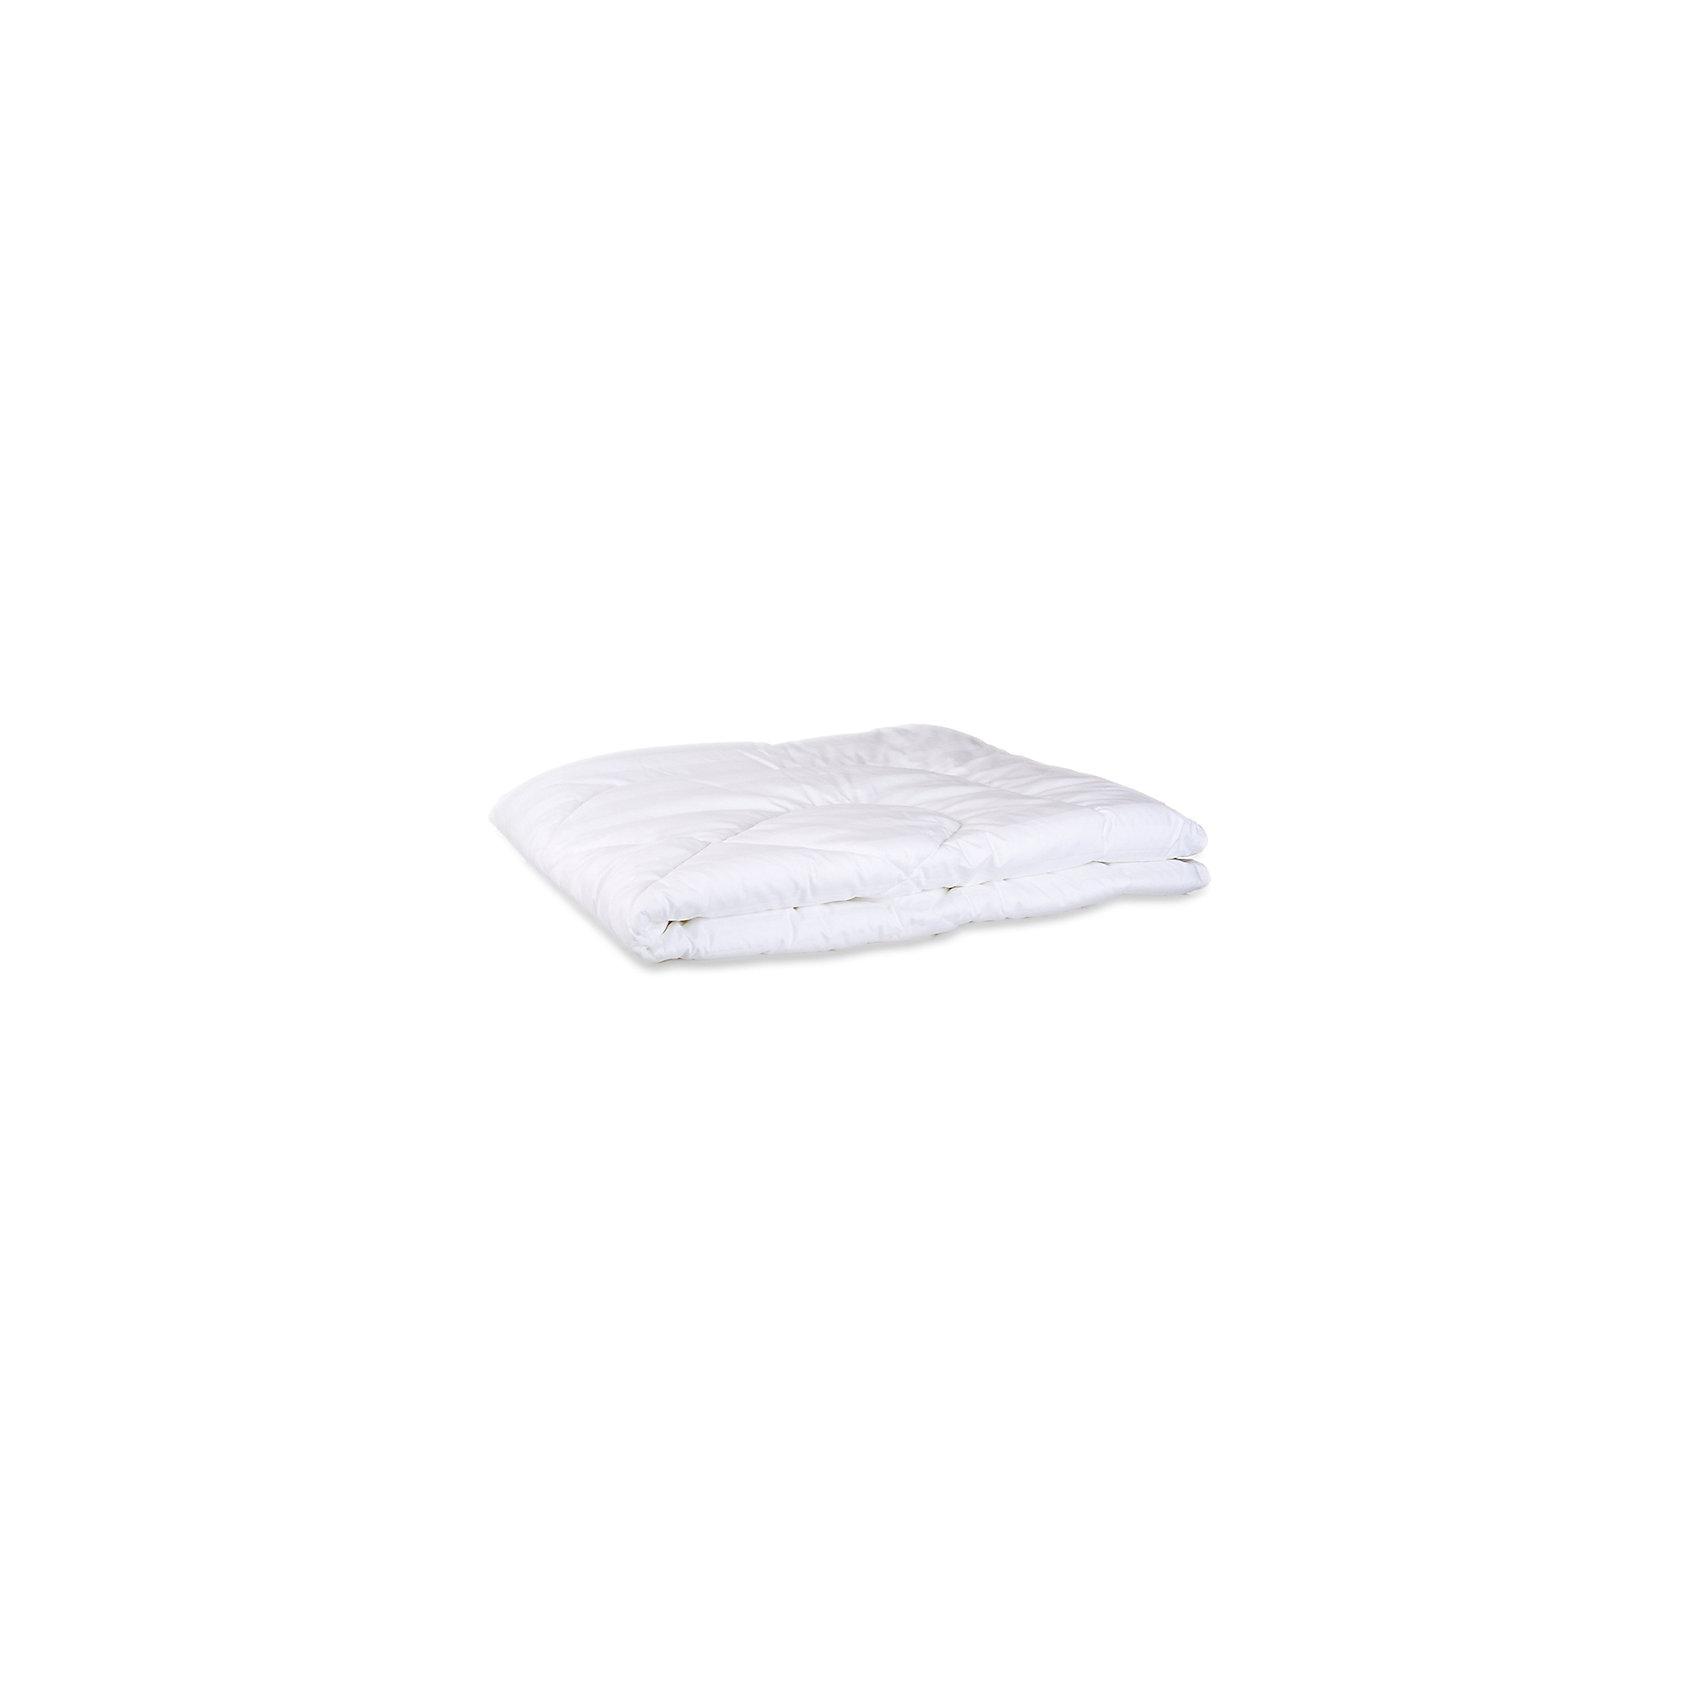 Одеяло синтепон, в чемодане, Сонный гномикХарактеристики:<br><br>• Вид детского текстиля: одеяло, подушка<br>• Сезон: круглый год<br>• Утеплитель: синтепон, 250 г/кв.м<br>• Пол: универсальный<br>• Тематика рисунка: без рисунка<br>• Материал: 100% хлопок<br>• Цвет: белый<br>• Размеры одеяла: 110*140 см<br>• Упаковка: чемодан <br>• Вес в упаковке: 930 г<br>• Особенности ухода: машинная стирка при температуре 30 градусов без использования красящих и отбеливающих веществ, сухая чистка<br><br>Одеяло синтепон, в чемодане, Сонный гномик от отечественного торгового бренда выполнено с учетом международных требований к качеству и безопасности товаров для детей. Одеяло предназначено для детских кроваток, спальное место которых составляет не менее 120*60 см. Верхняя часть изделия выполнена из натурального хлопка, в качестве наполнителя использован синтепон, который обладает повышенными износоустойчивыми качествами, хорошо держит тепло, при этом имеет очень легкий вес. Все швы у изделия внутренние, сверху оно прошито, что защищает от сбивания наполнителя. За одеялом легко ухаживать, разрешается деликатная стирка или сухая чистка. Одеяло хорошо стирается и быстро высыхает. Одеяло синтепон, в чемодане, Сонный гномик обеспечит вашему ребенку здоровый и спокойный сон!<br><br>Одеяло синтепон, в чемодане, Сонный гномик можно купить в нашем интернет-магазине.<br><br>Ширина мм: 530<br>Глубина мм: 90<br>Высота мм: 350<br>Вес г: 930<br>Возраст от месяцев: 0<br>Возраст до месяцев: 48<br>Пол: Унисекс<br>Возраст: Детский<br>SKU: 4924461